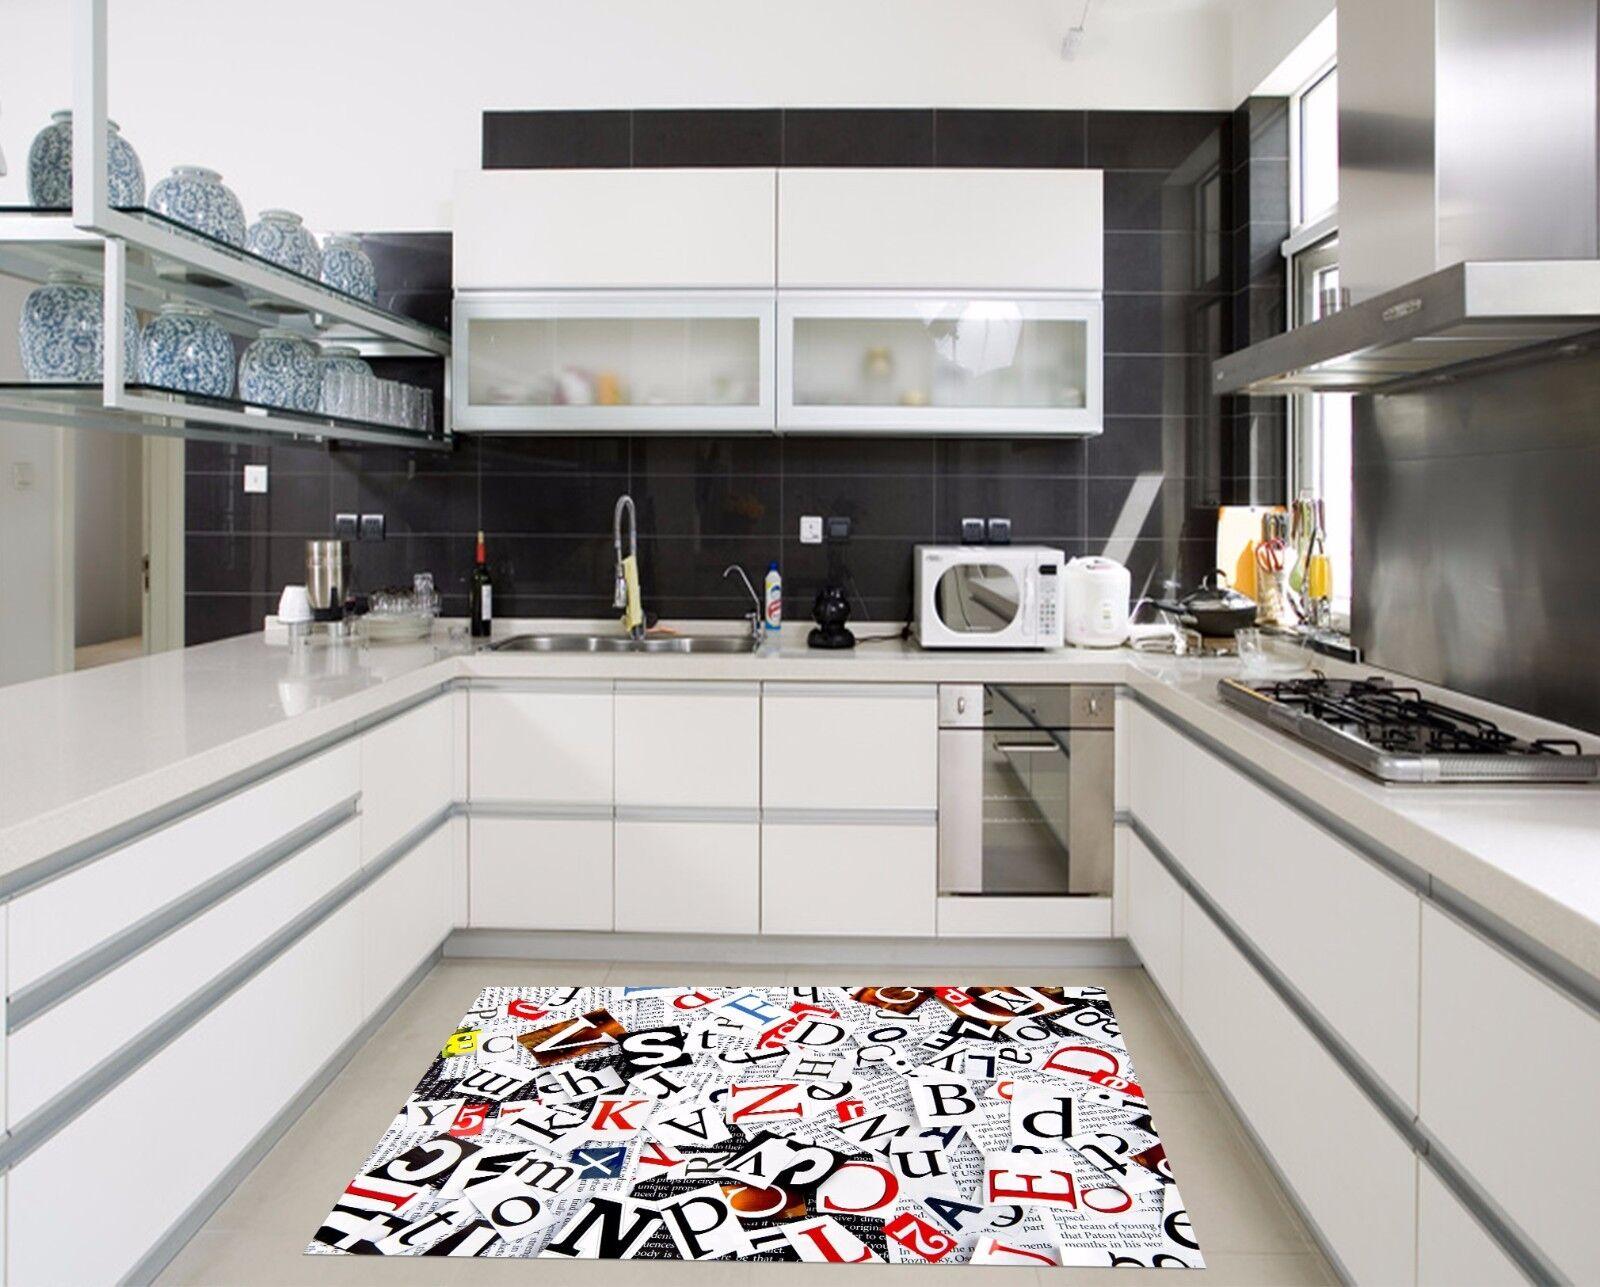 3D Newspaper 106 106 106 Kitchen Mat Floor Murals Wall Print Wall Deco AJ WALLPAPER UK 9d74ca